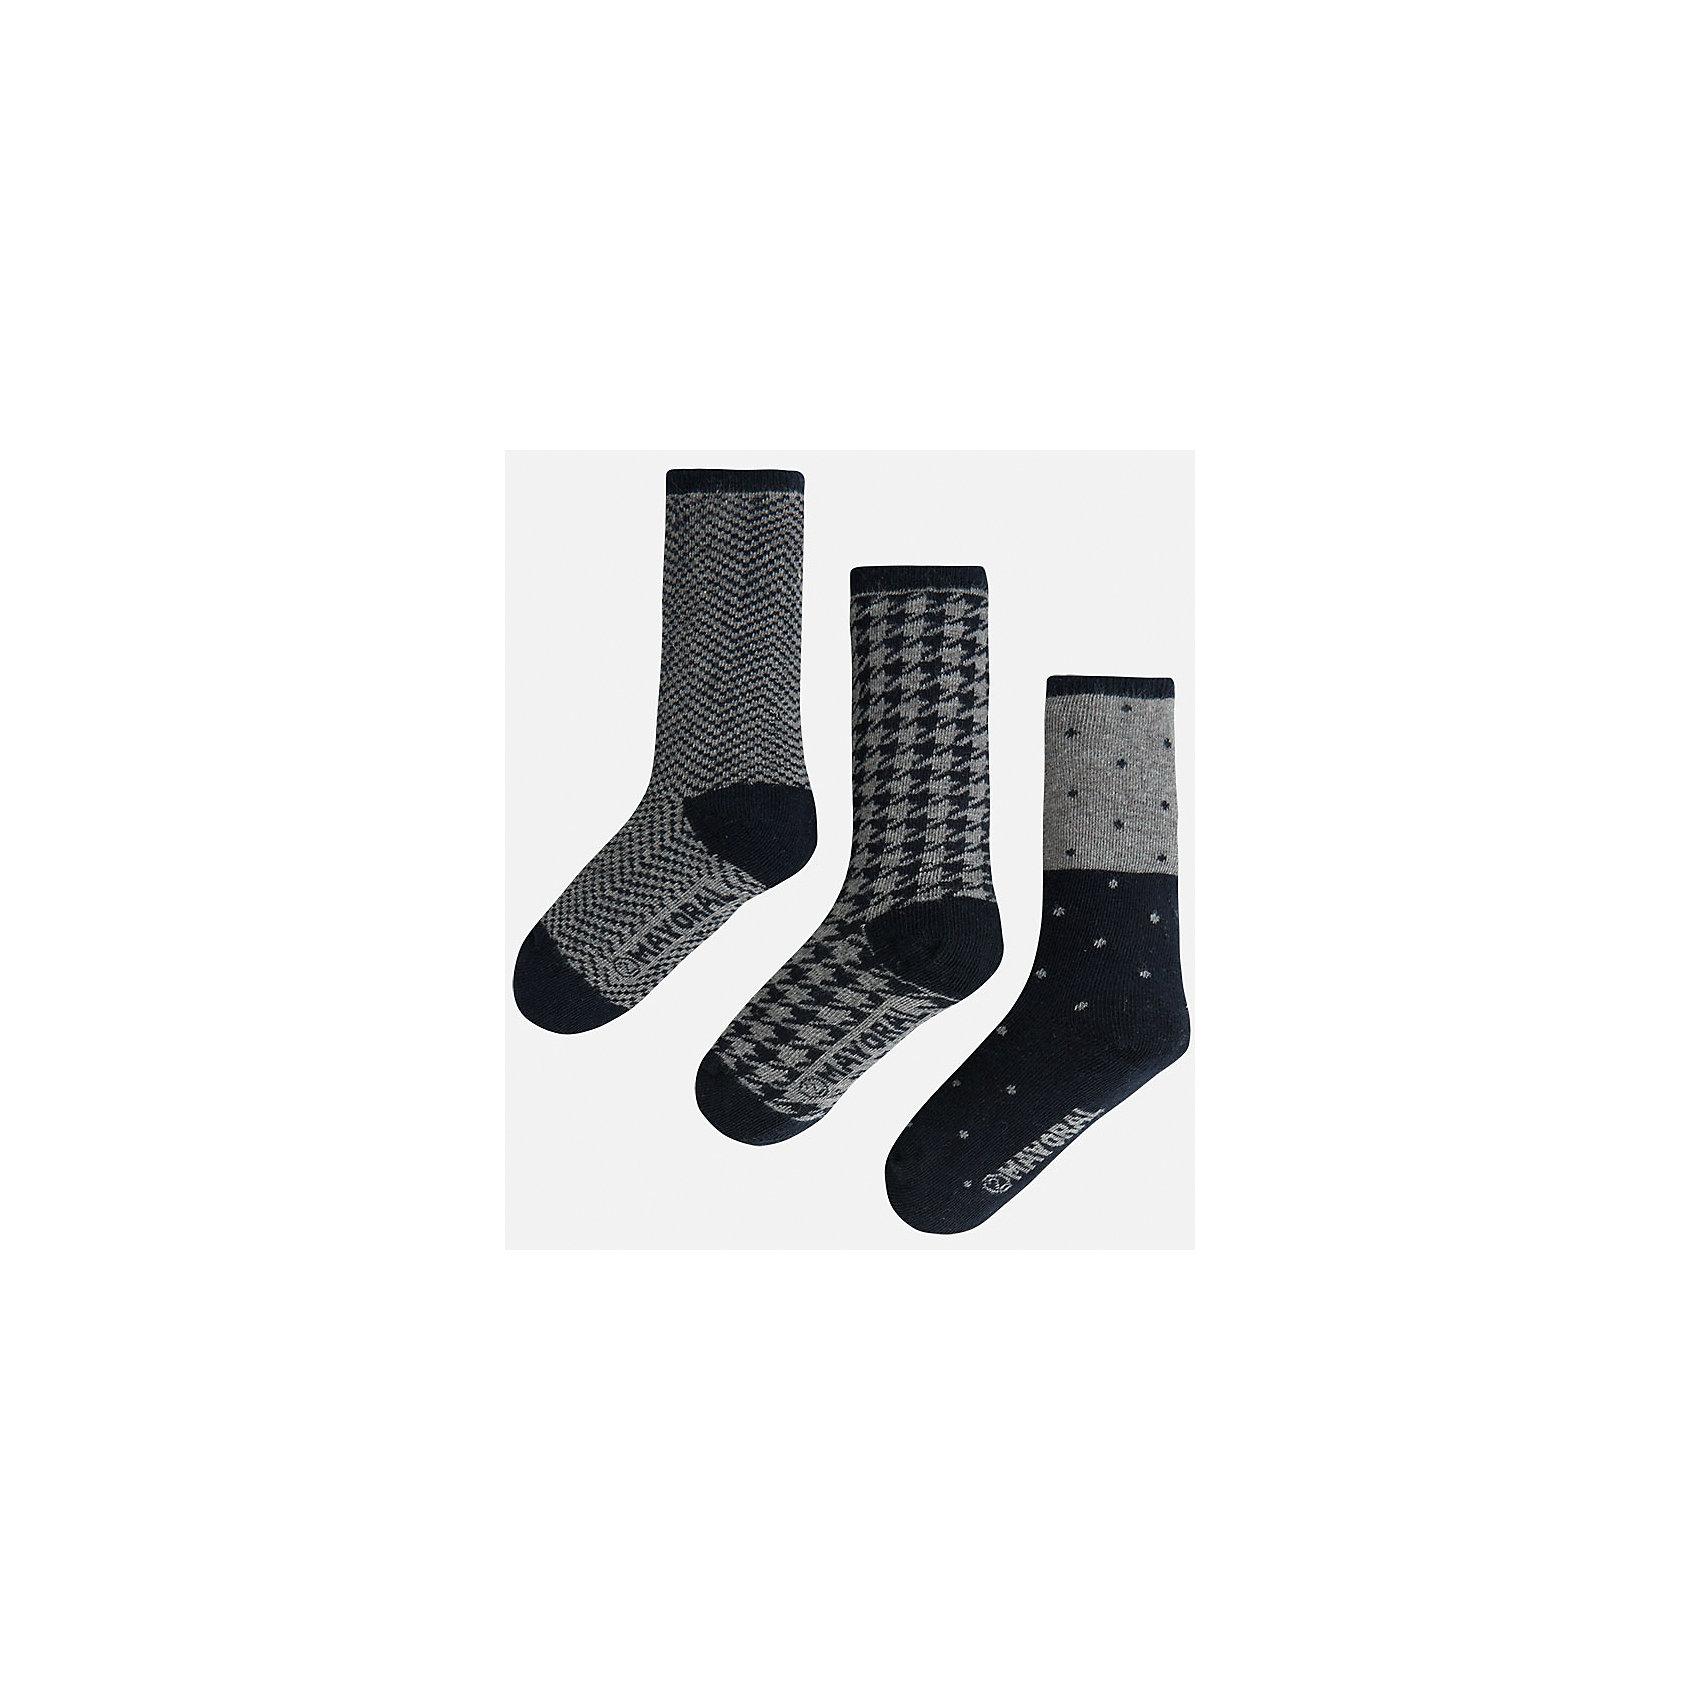 Носки для мальчика, 3 парыКомплект из 3 пар носков для мальчика от известного испанского бренда Mayoral. Каждая пара имеет разную расцветку и сделана из качественных дышащих материалов.<br>Дополнительная информация:<br>-цвет: серый, черный<br>Состав: 72% хлопок, 25% полиамид, 3% эластан<br>Комплект носков Mayoral можно приобрести в нашем интернет-магазине.<br><br>Ширина мм: 87<br>Глубина мм: 10<br>Высота мм: 105<br>Вес г: 115<br>Цвет: коричневый<br>Возраст от месяцев: 36<br>Возраст до месяцев: 48<br>Пол: Мужской<br>Возраст: Детский<br>Размер: 4,8,6<br>SKU: 4820105